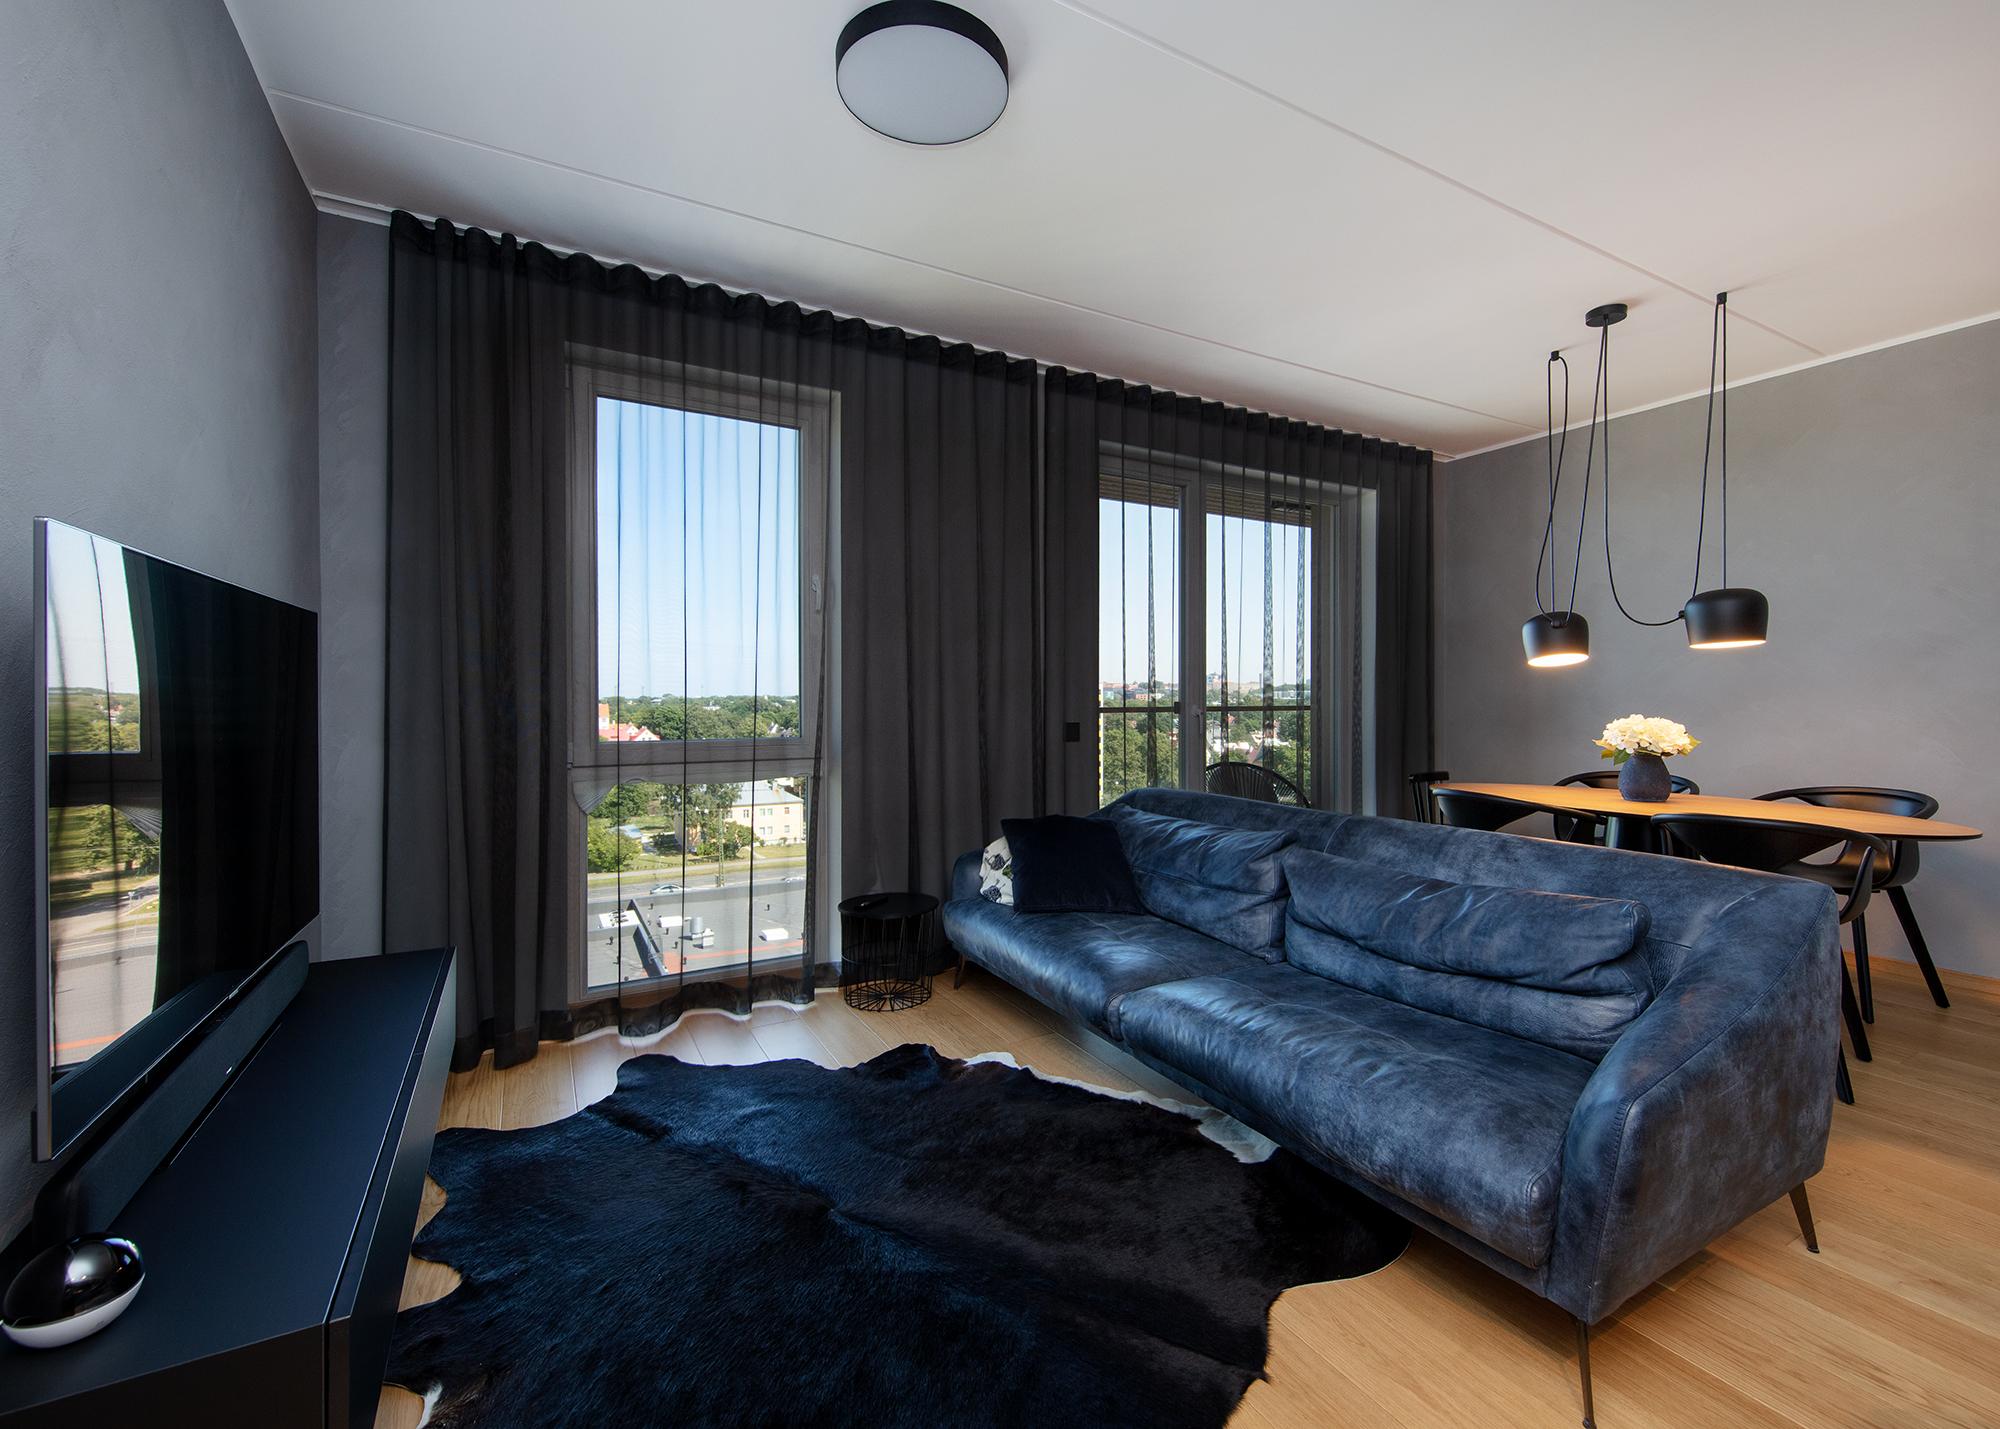 Väga ilus korter! Paku oma hind!